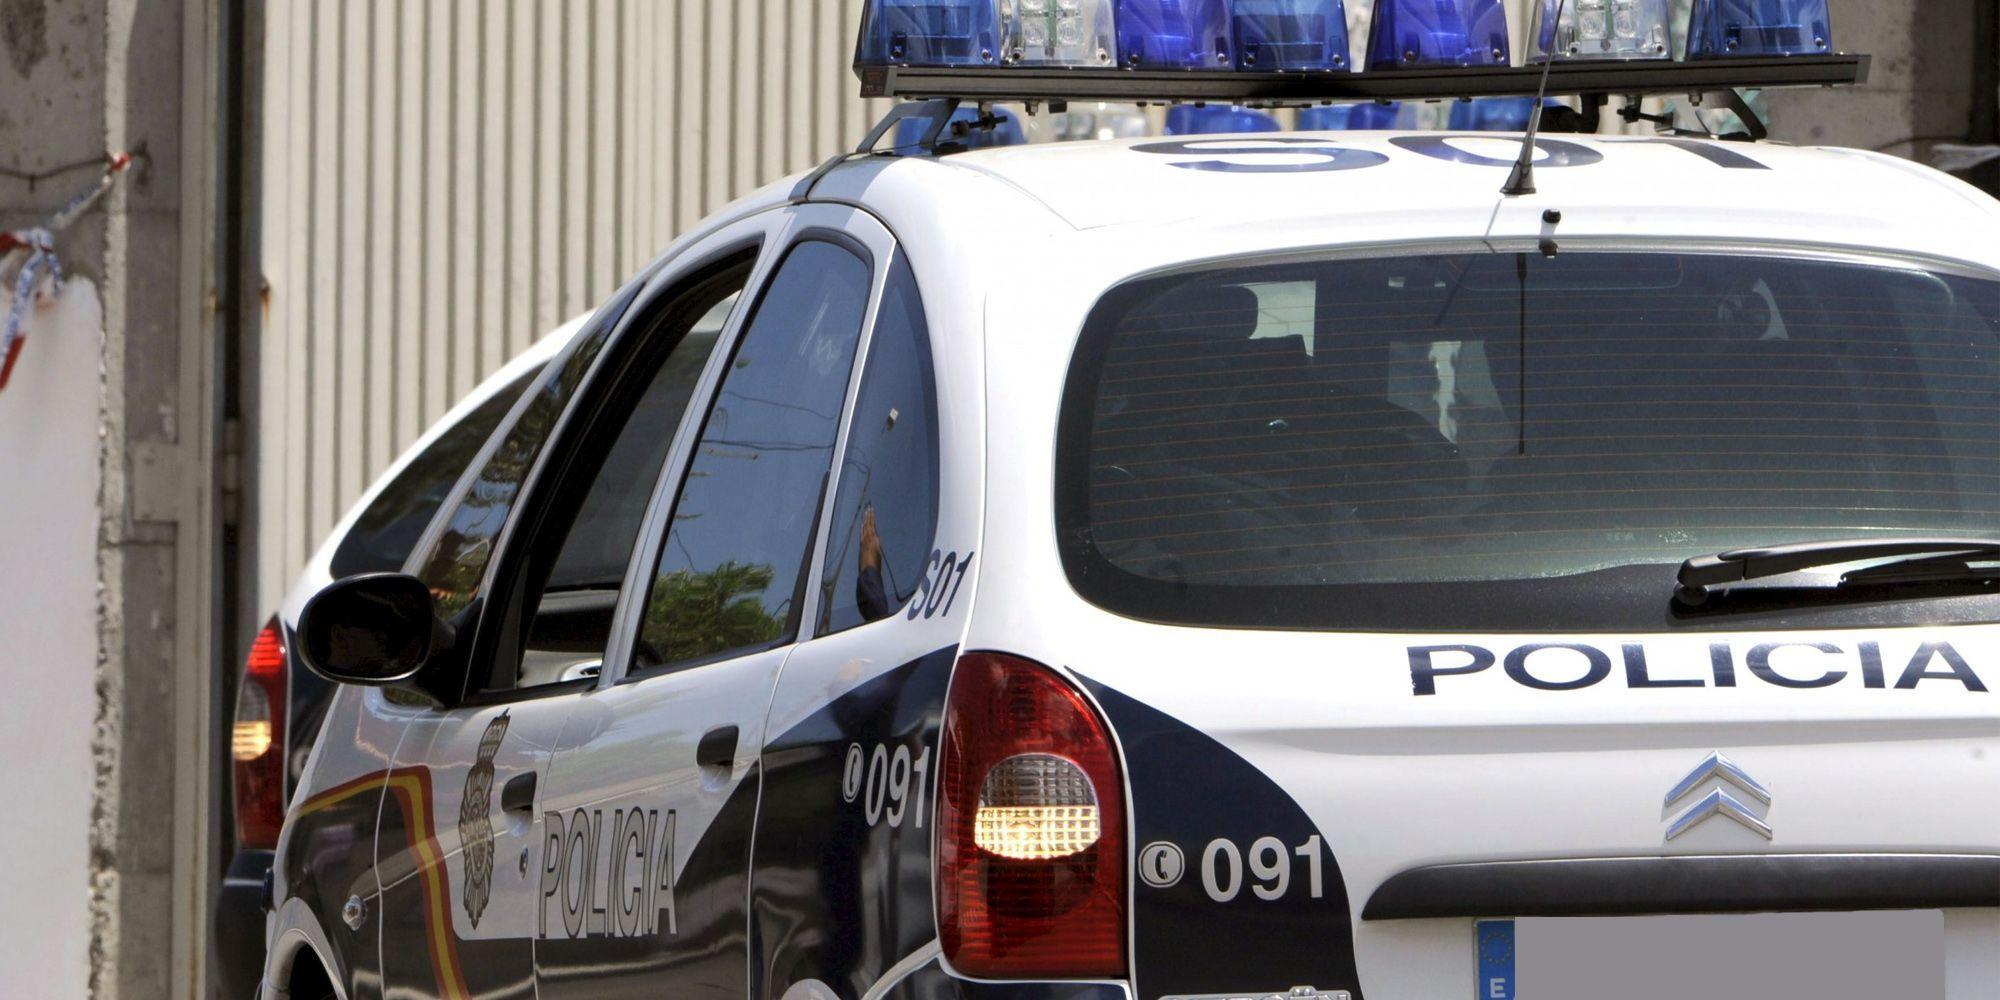 policia-nacional-coches